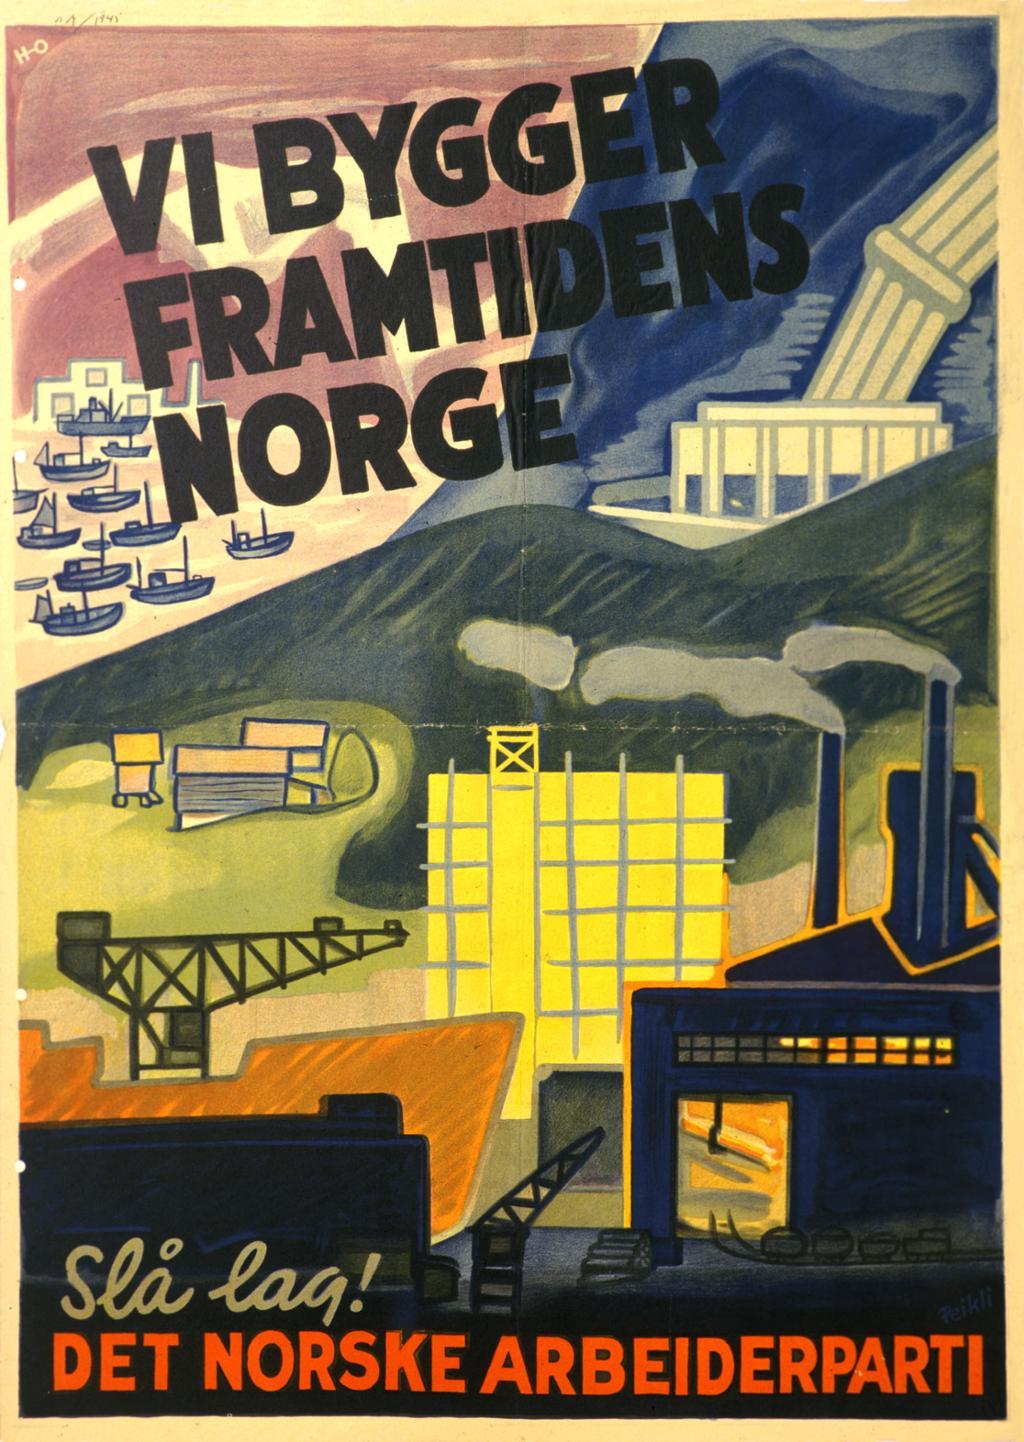 Plakta som viser industi, kraftanlegg, bondegårder og fiskebåter. Illustrasjon.